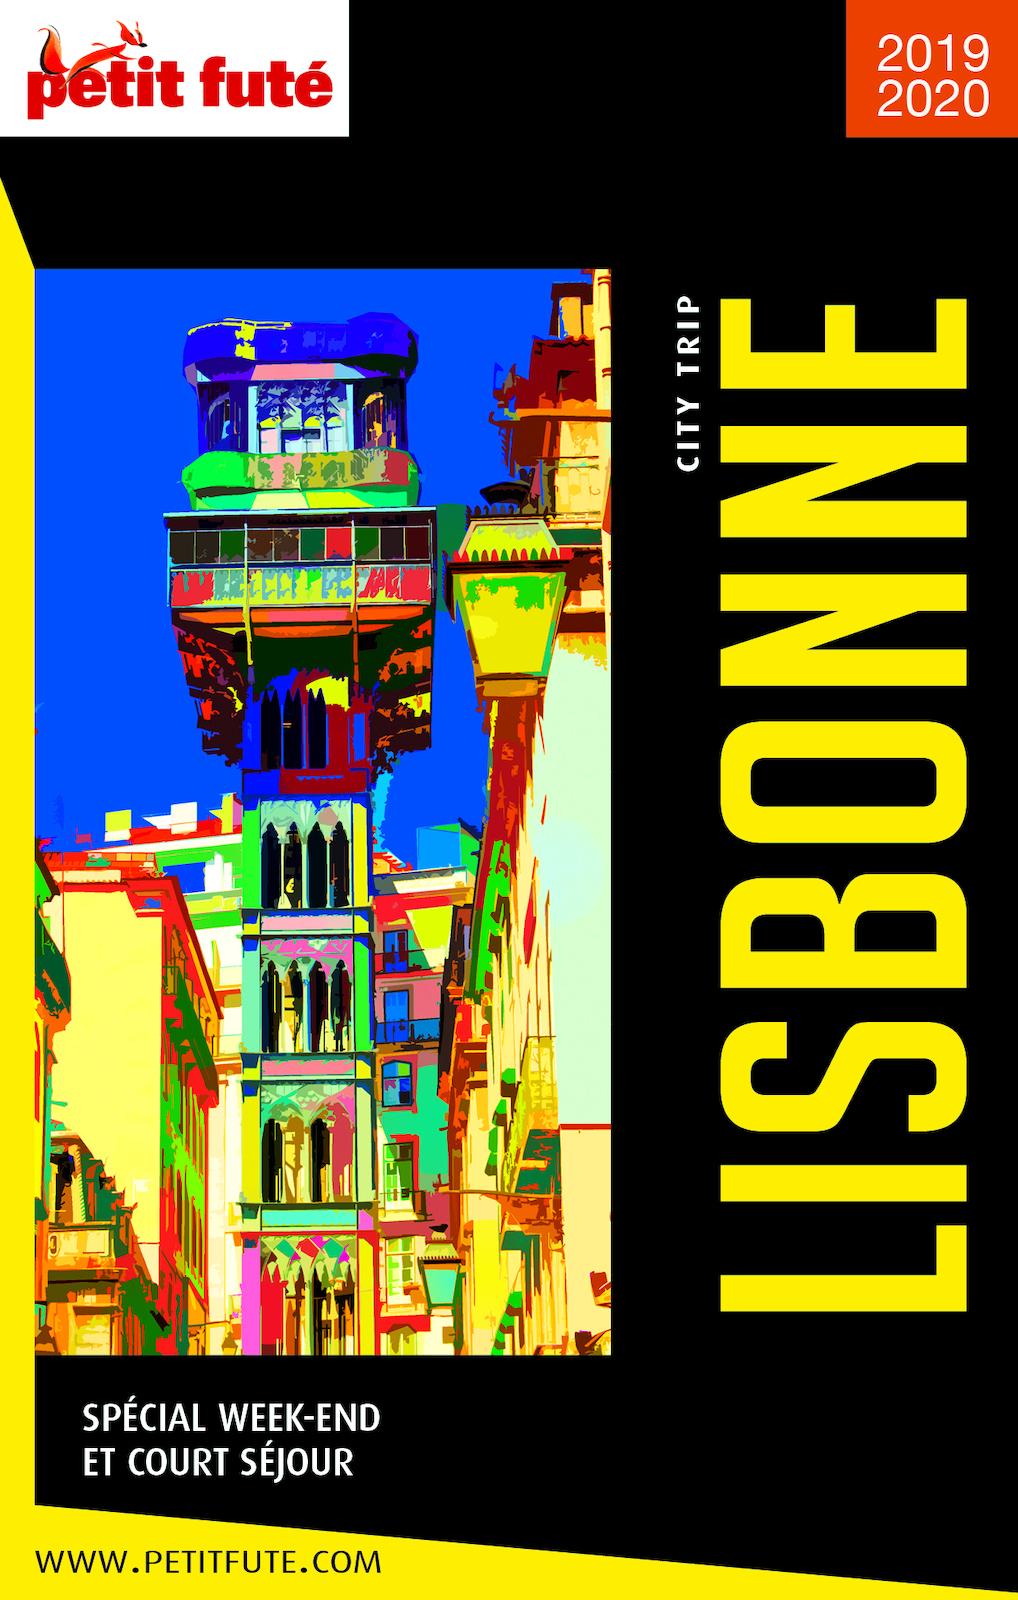 LISBONNE CITY TRIP 2019 City trip Petit Futé